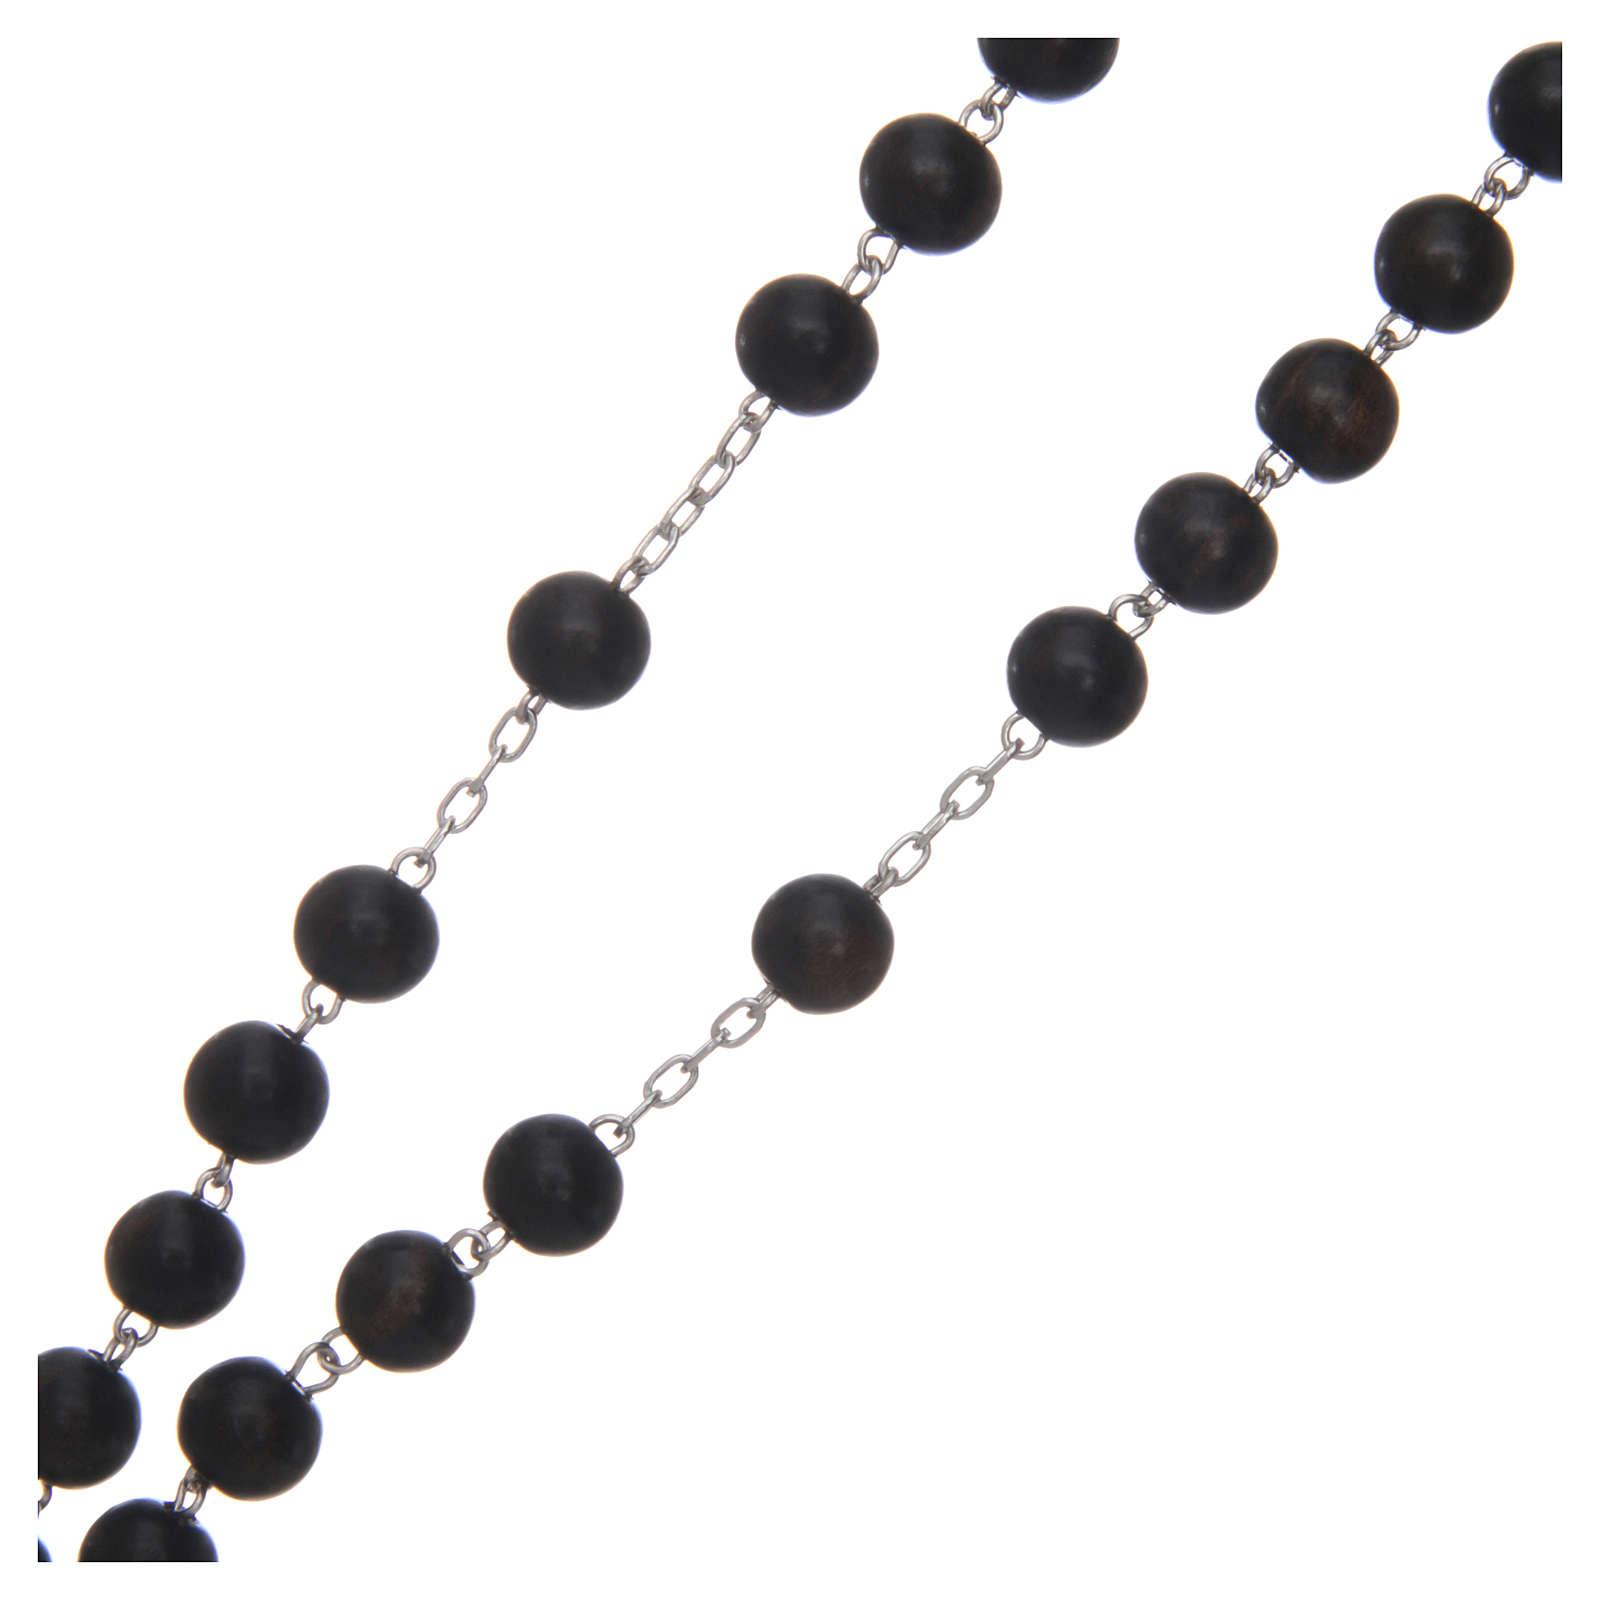 Rosario in ebano 8 mm e argento 925 4